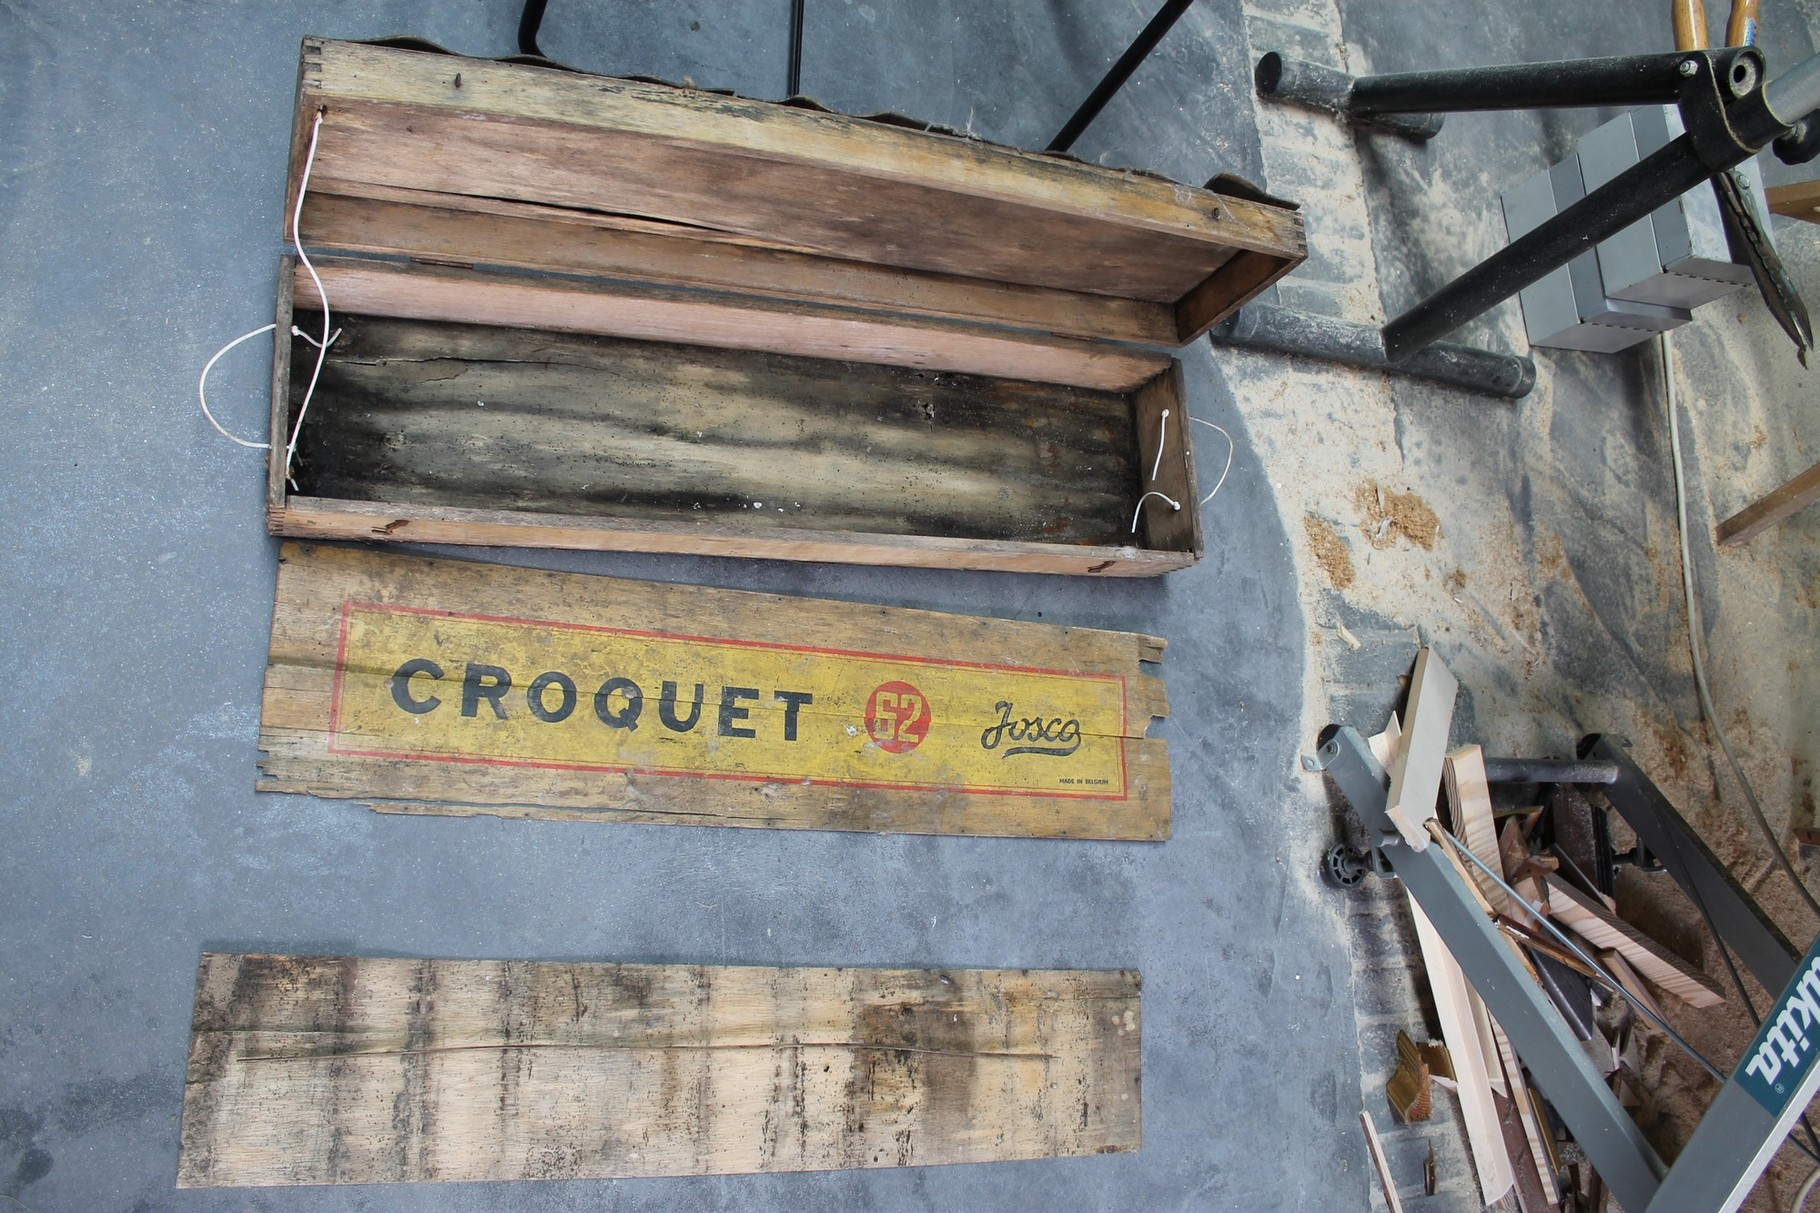 1 - Boite de croquet avant restauration, infestation, moisissures, fentes dans le bois